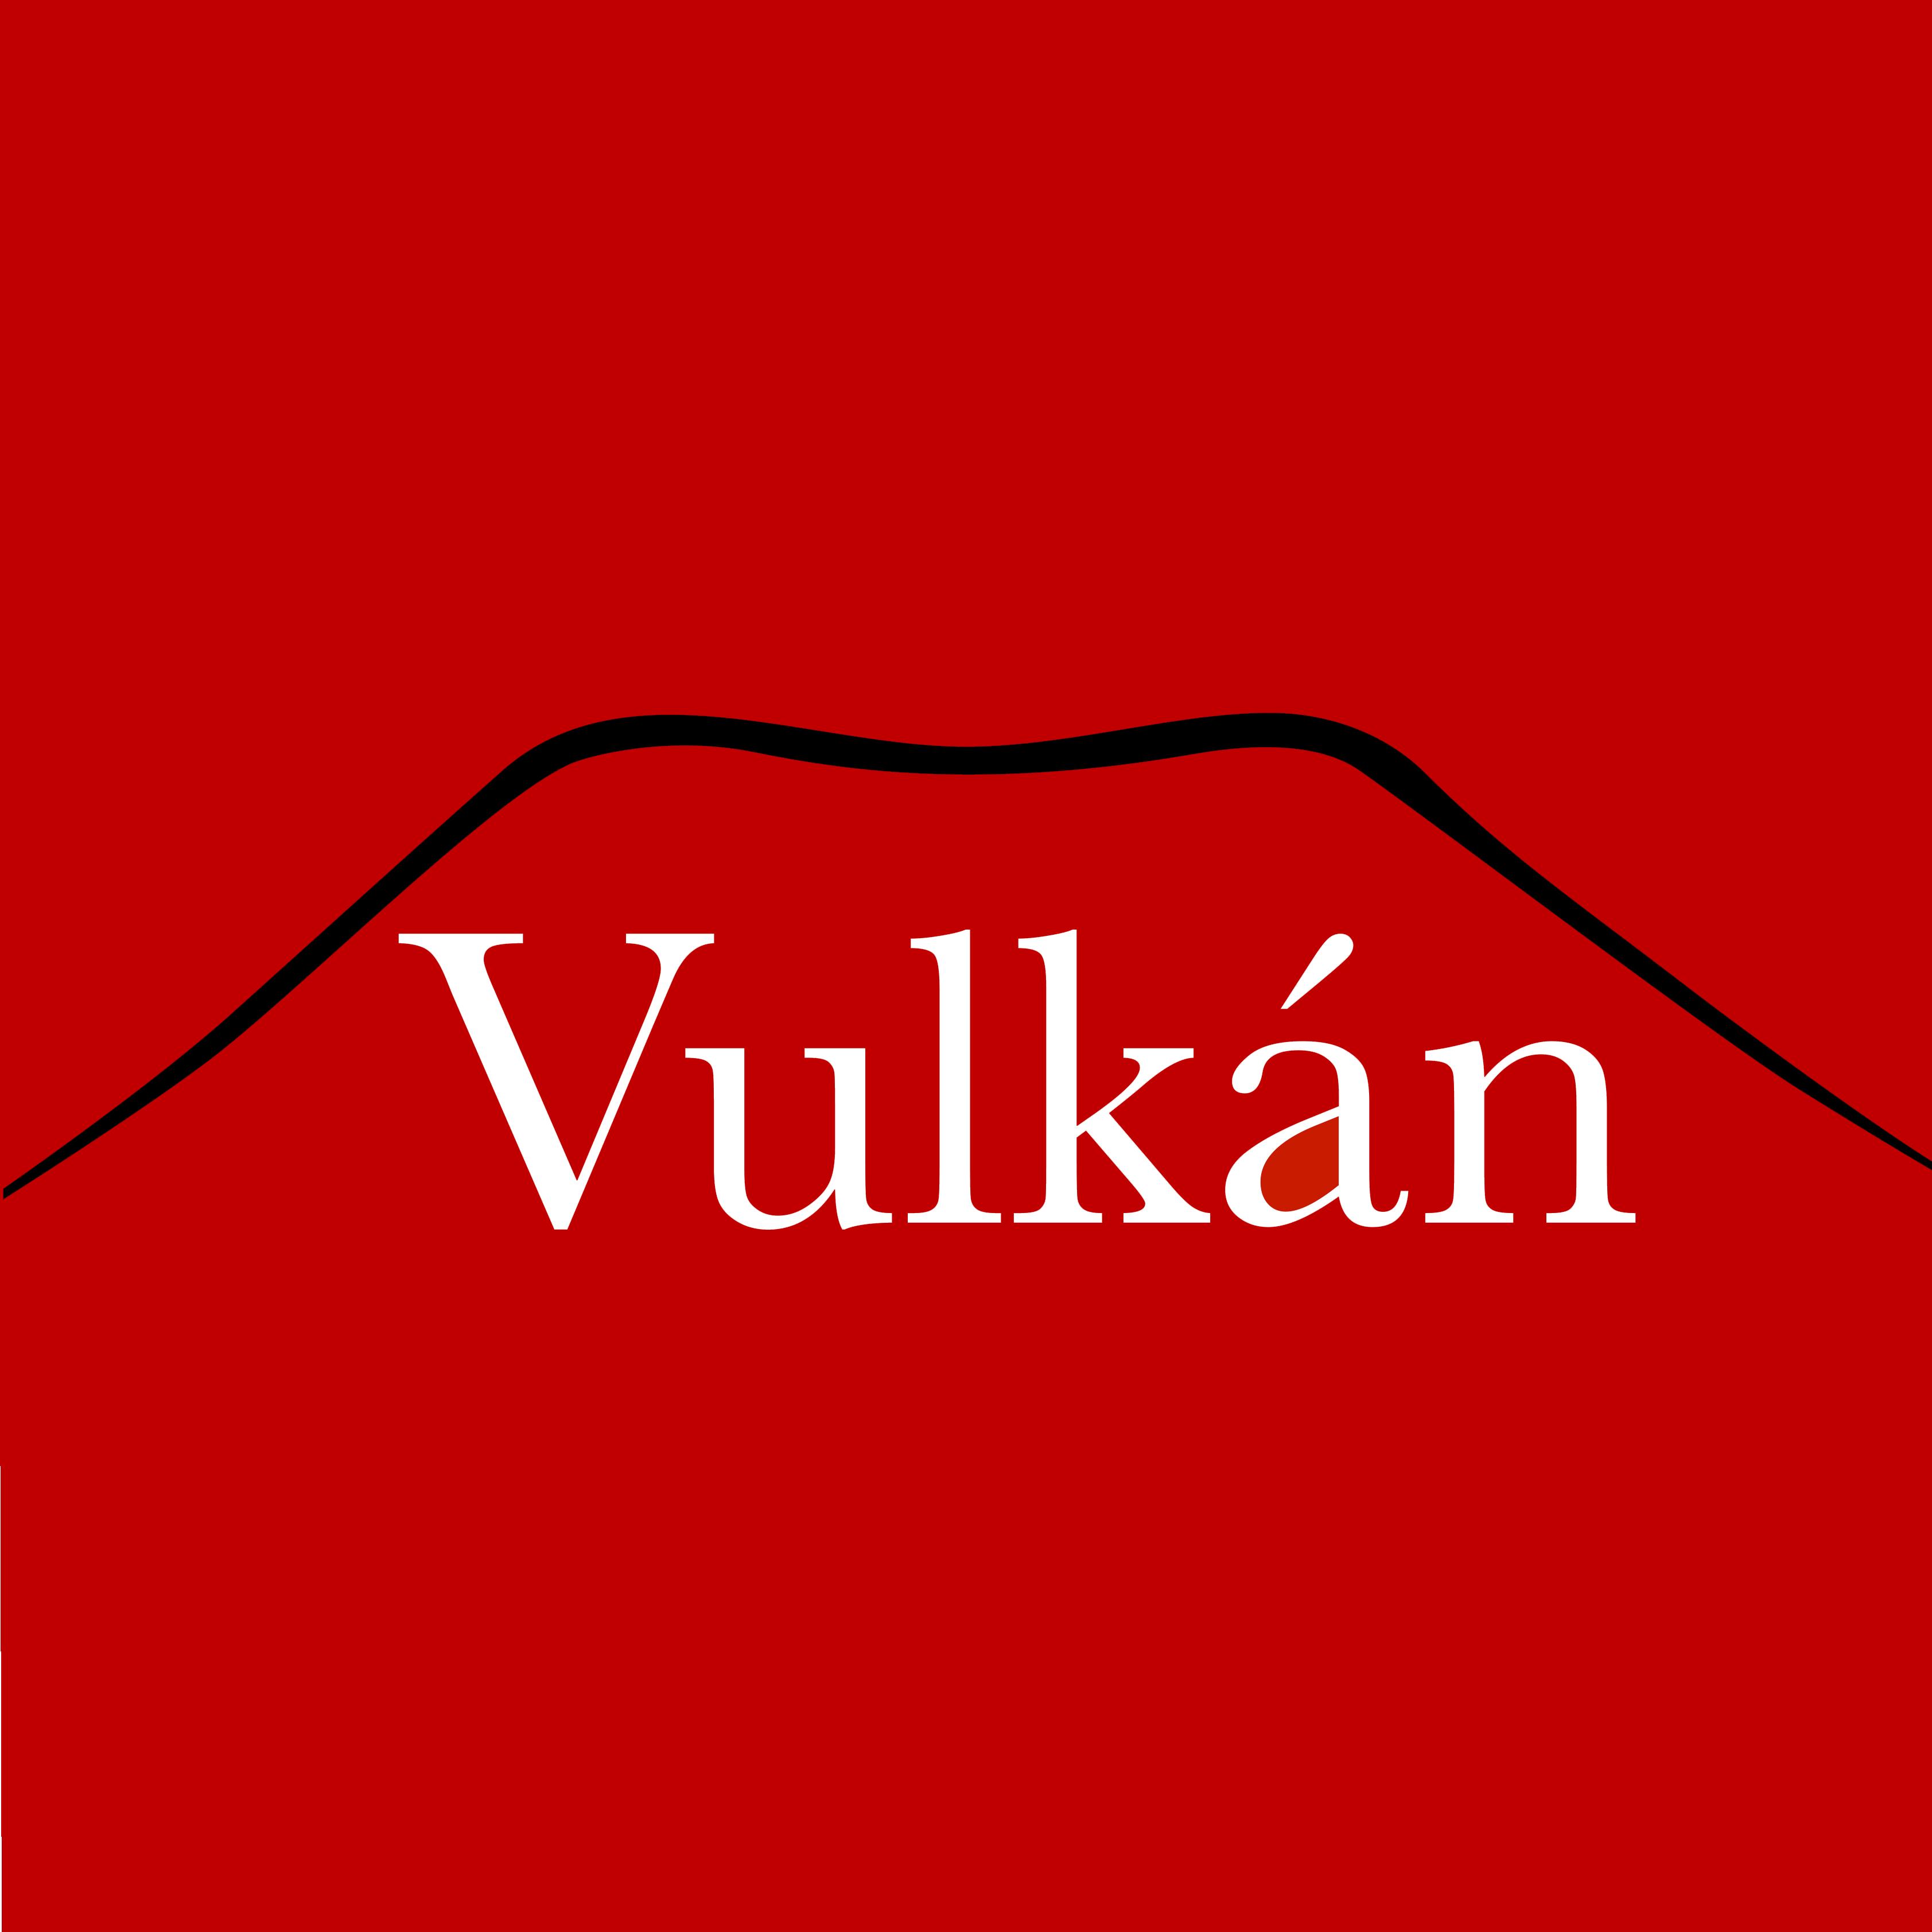 vulkan_2_1.jpg